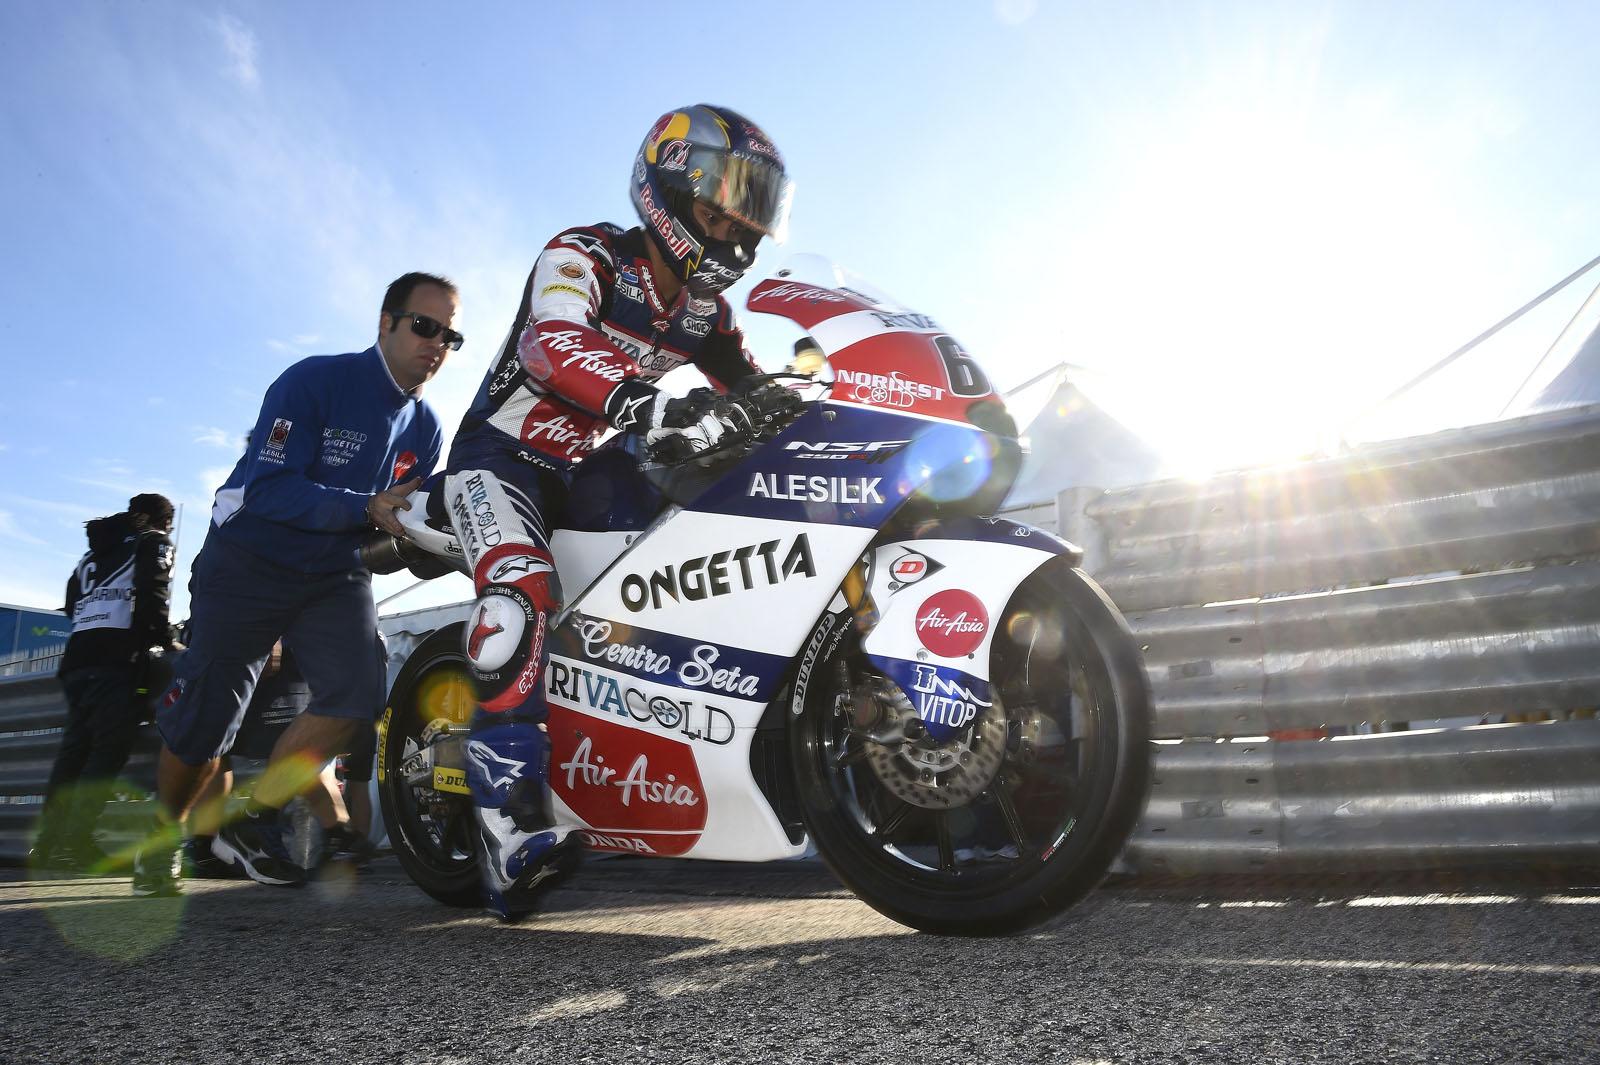 San Marino Circuit 2014 - Zulfahmi Khairuddin